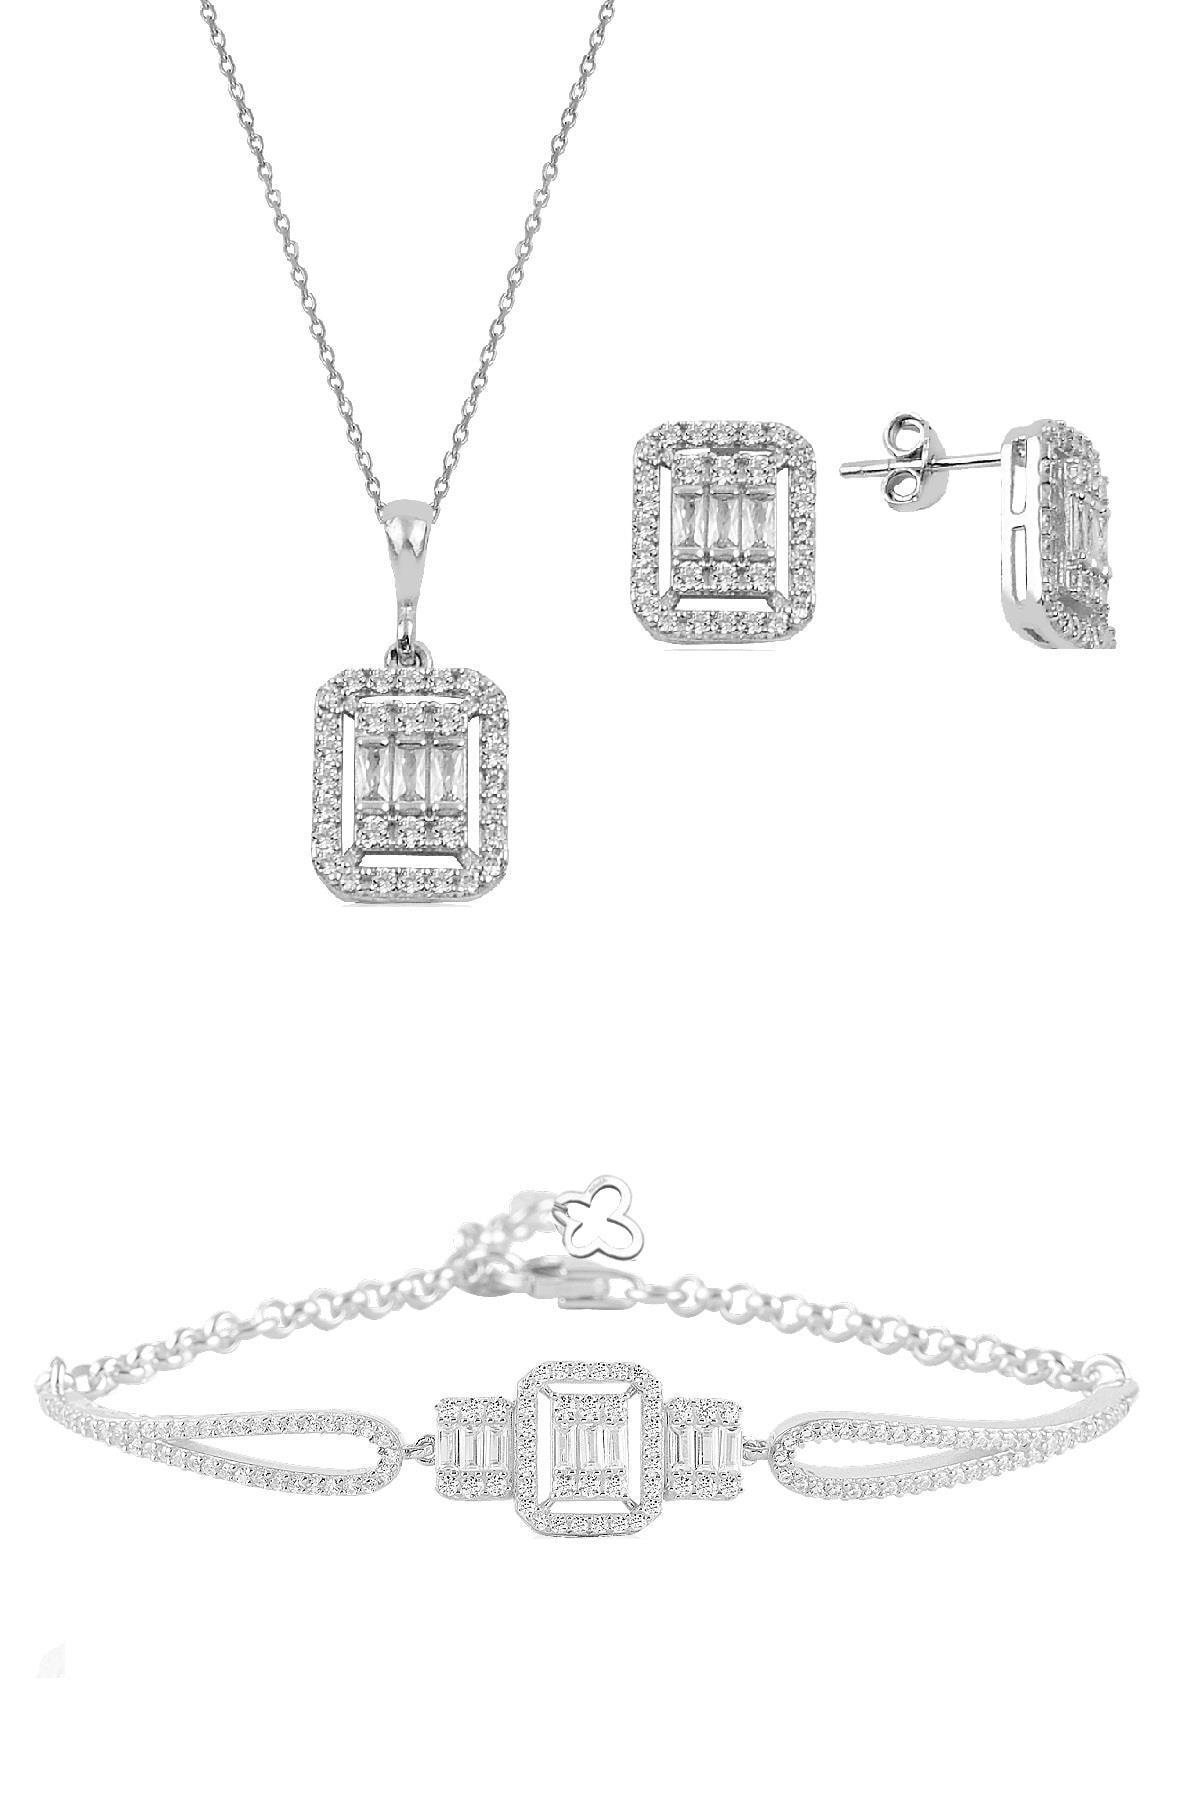 Söğütlü Silver Gümüş rodyumlu baget taşlı  kolye küpe ve bilezik  gümüş set 0